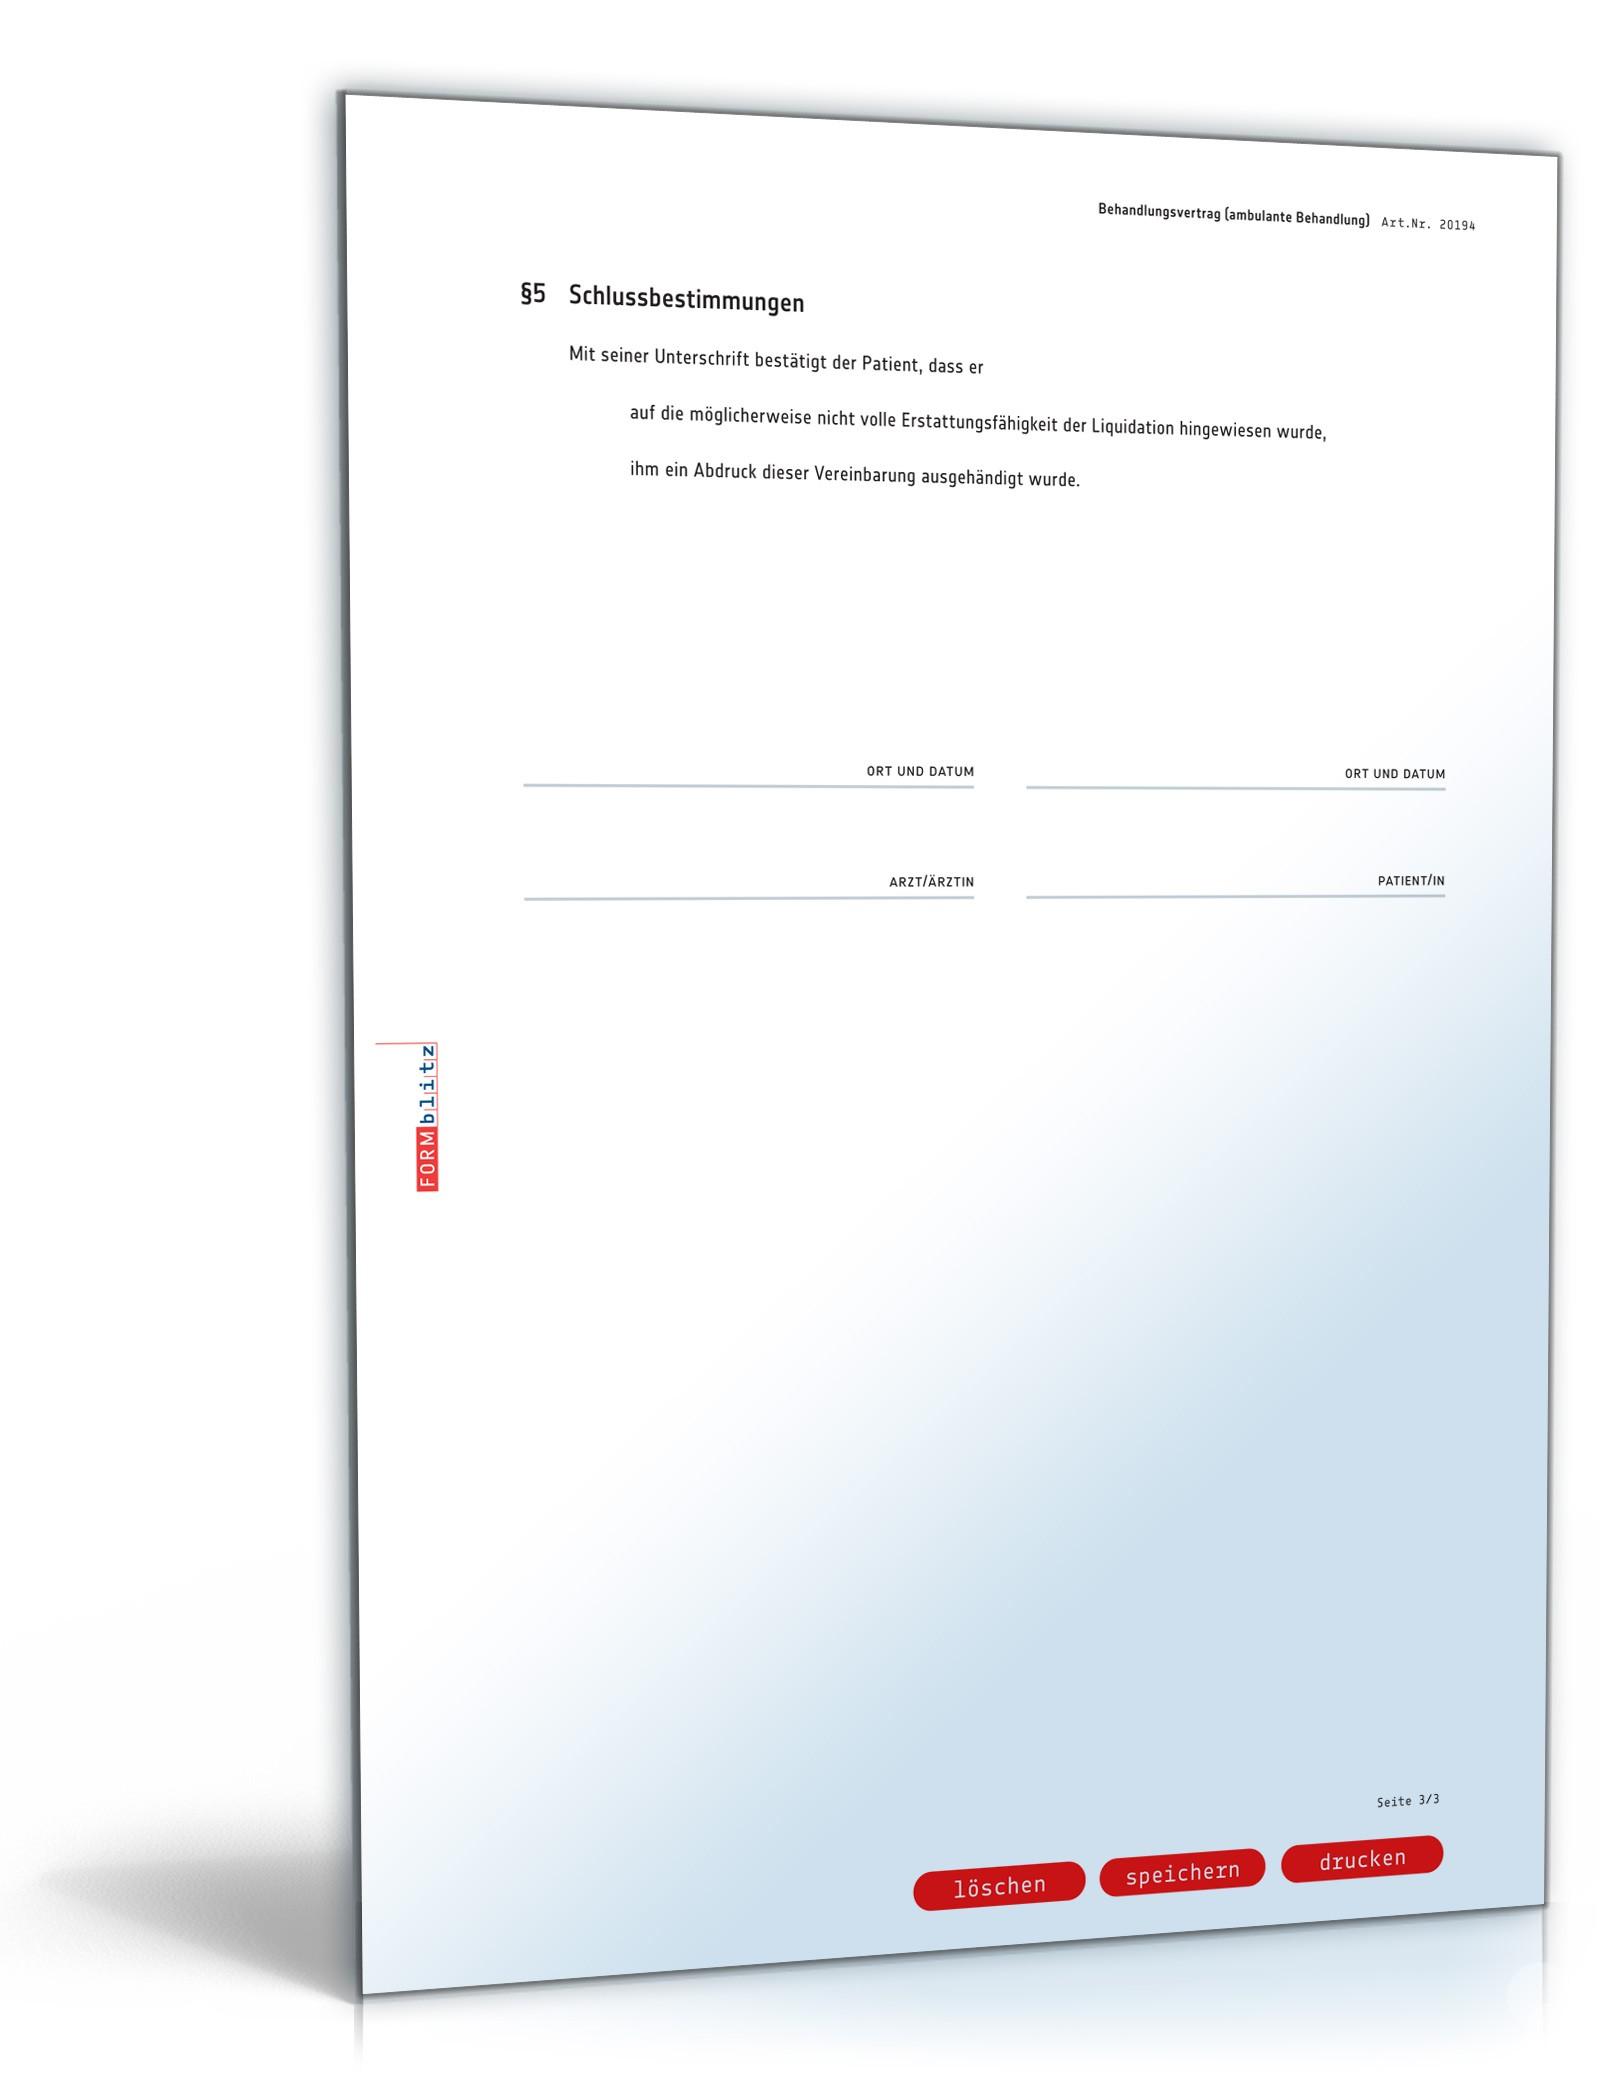 pdf seite 3 - Behandlungsvertrag Muster